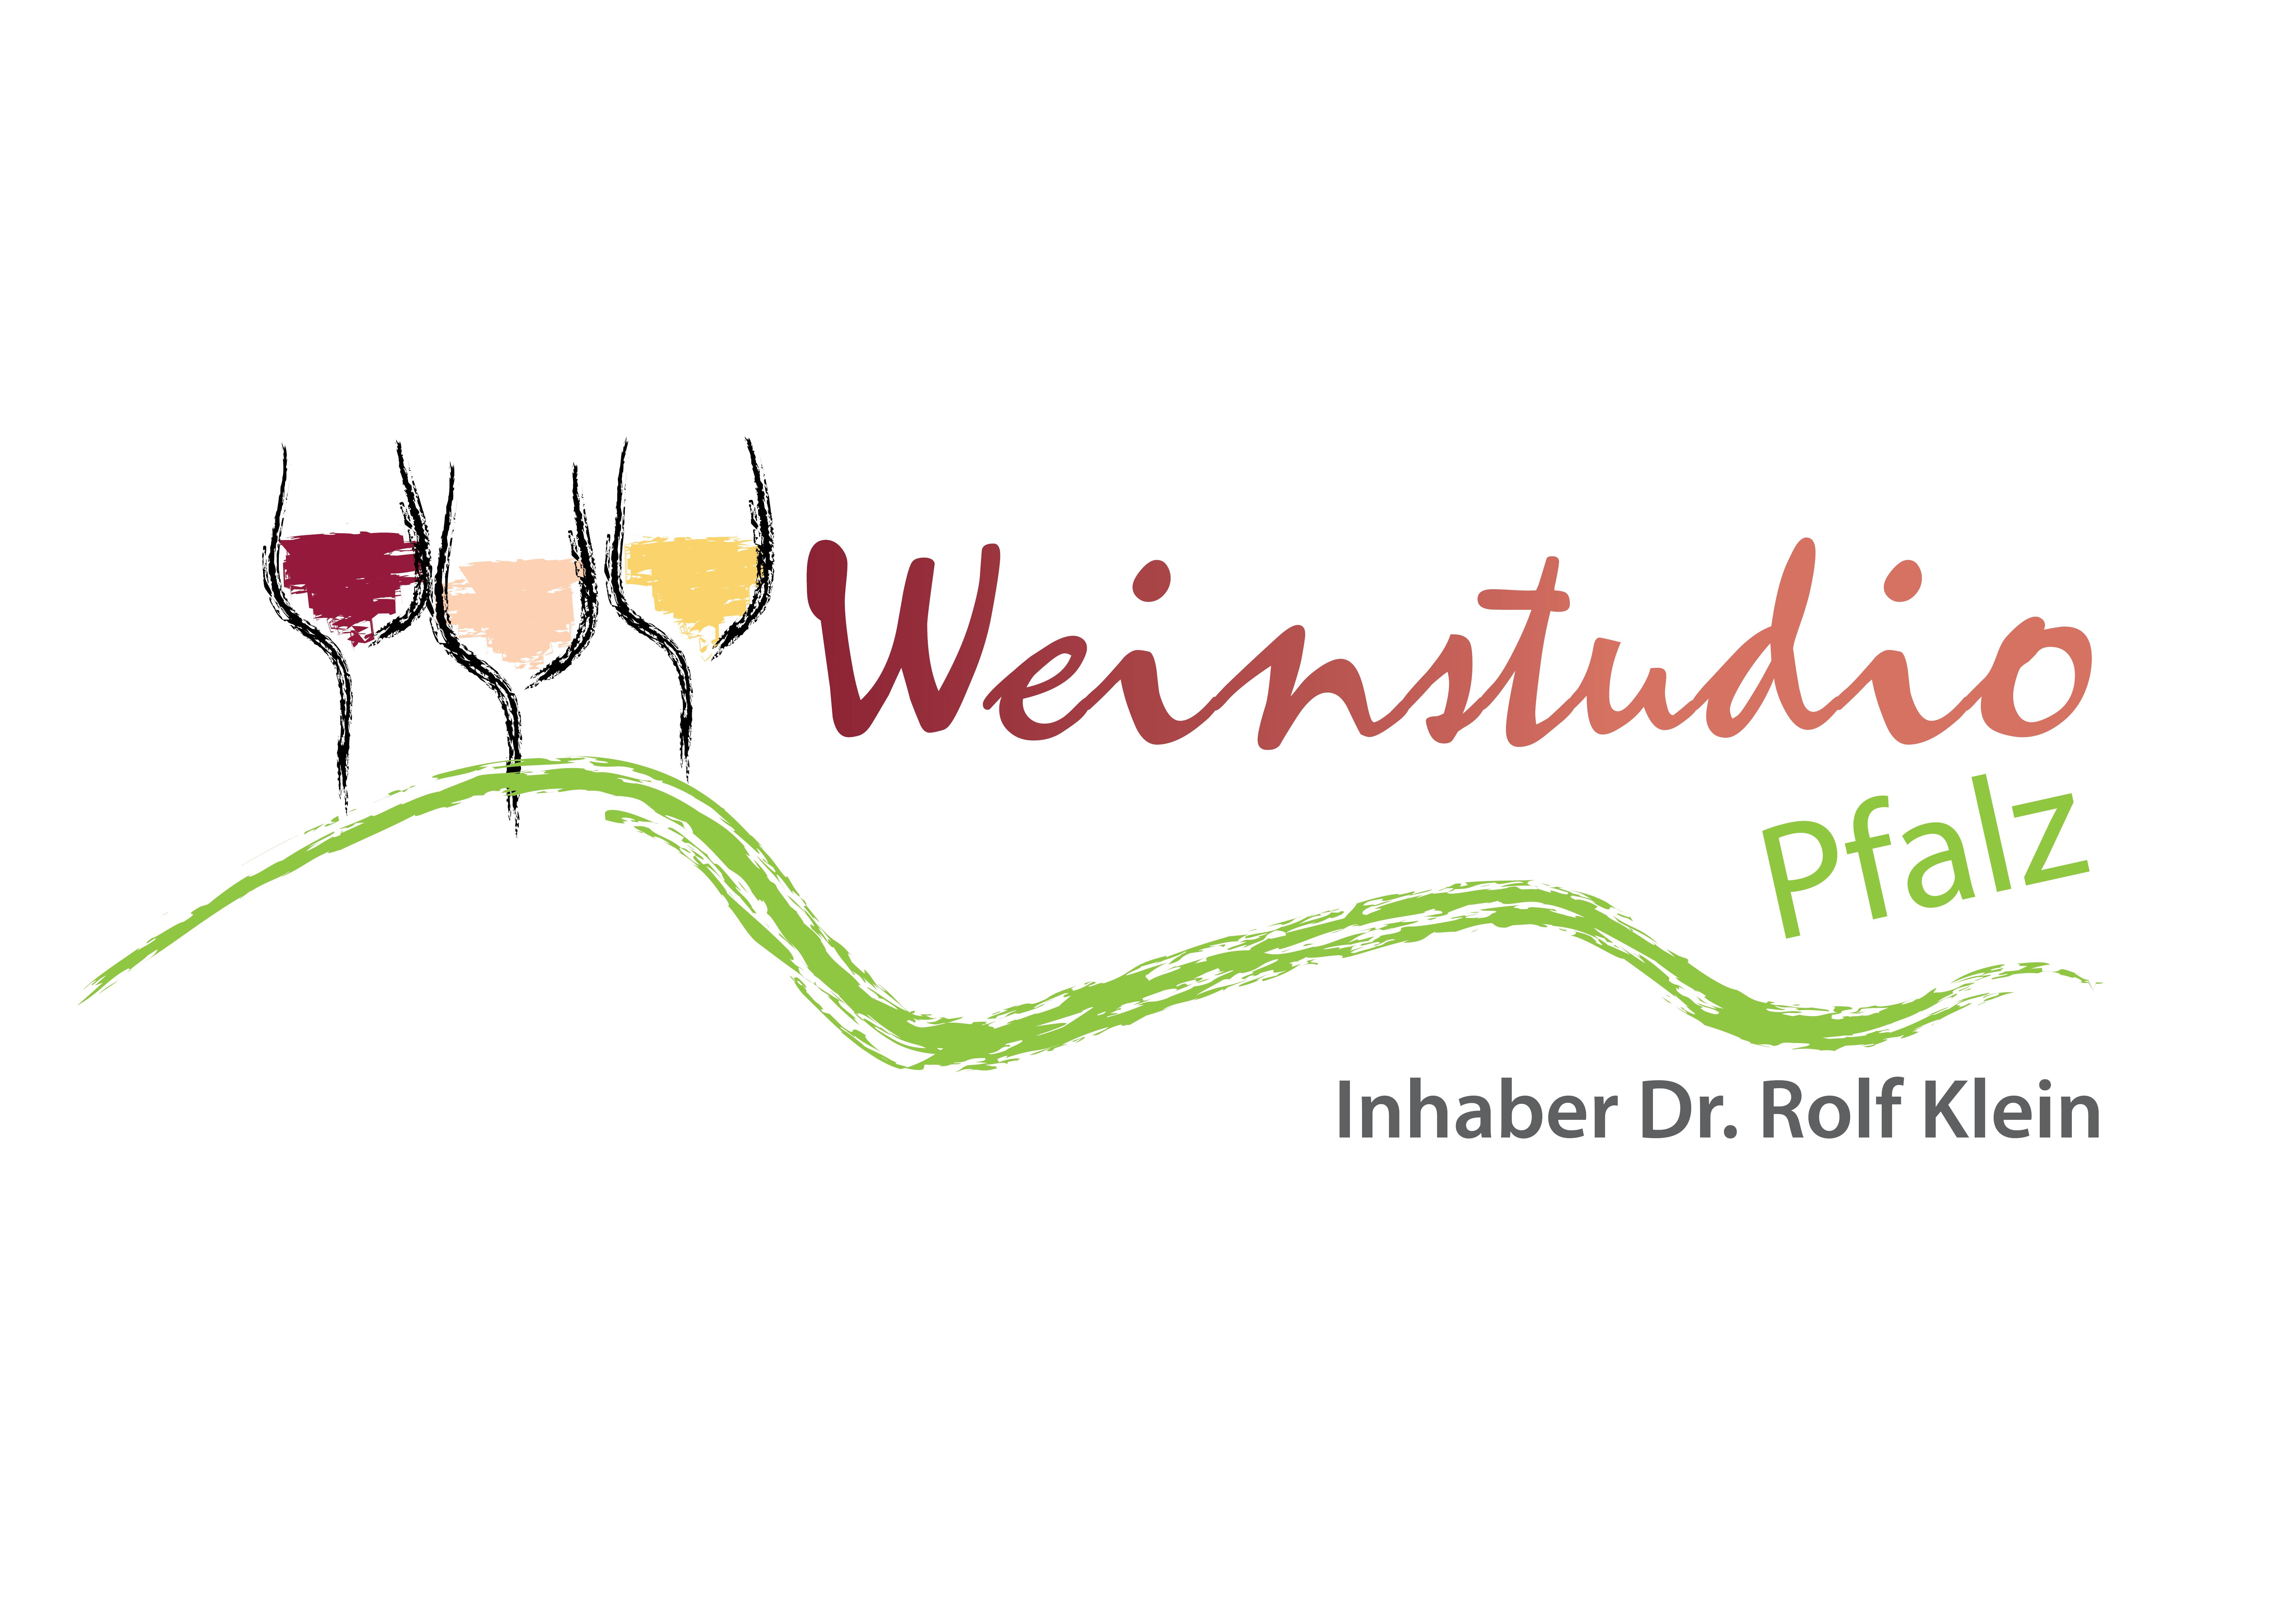 Logo Weinstudio Pfalz Inh. Dr. Rolf Klein